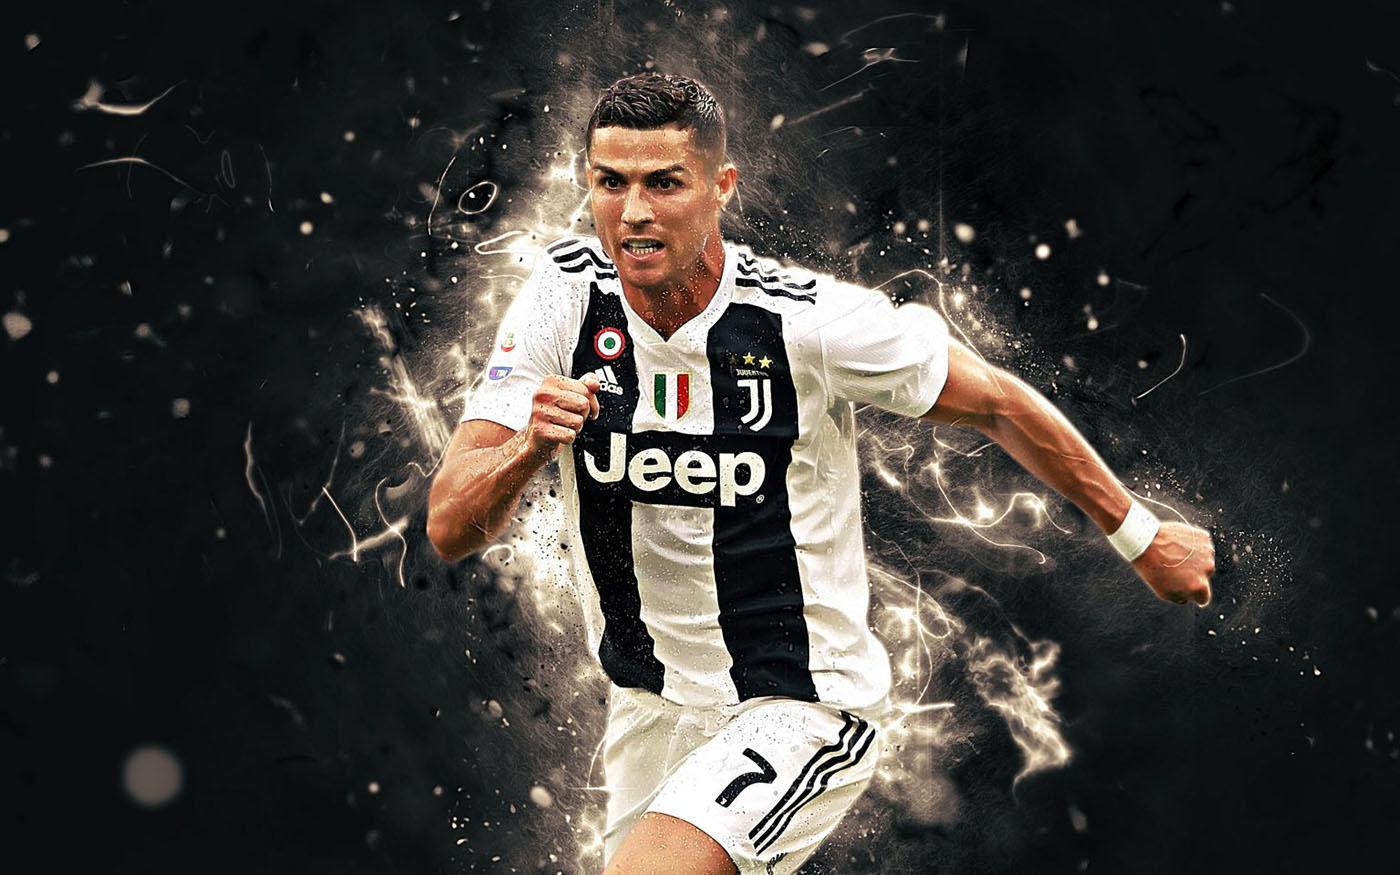 Chiêm Ngưỡng 3000 Hình ảnh Ronaldo đẹp Nhất Thế Giới 4